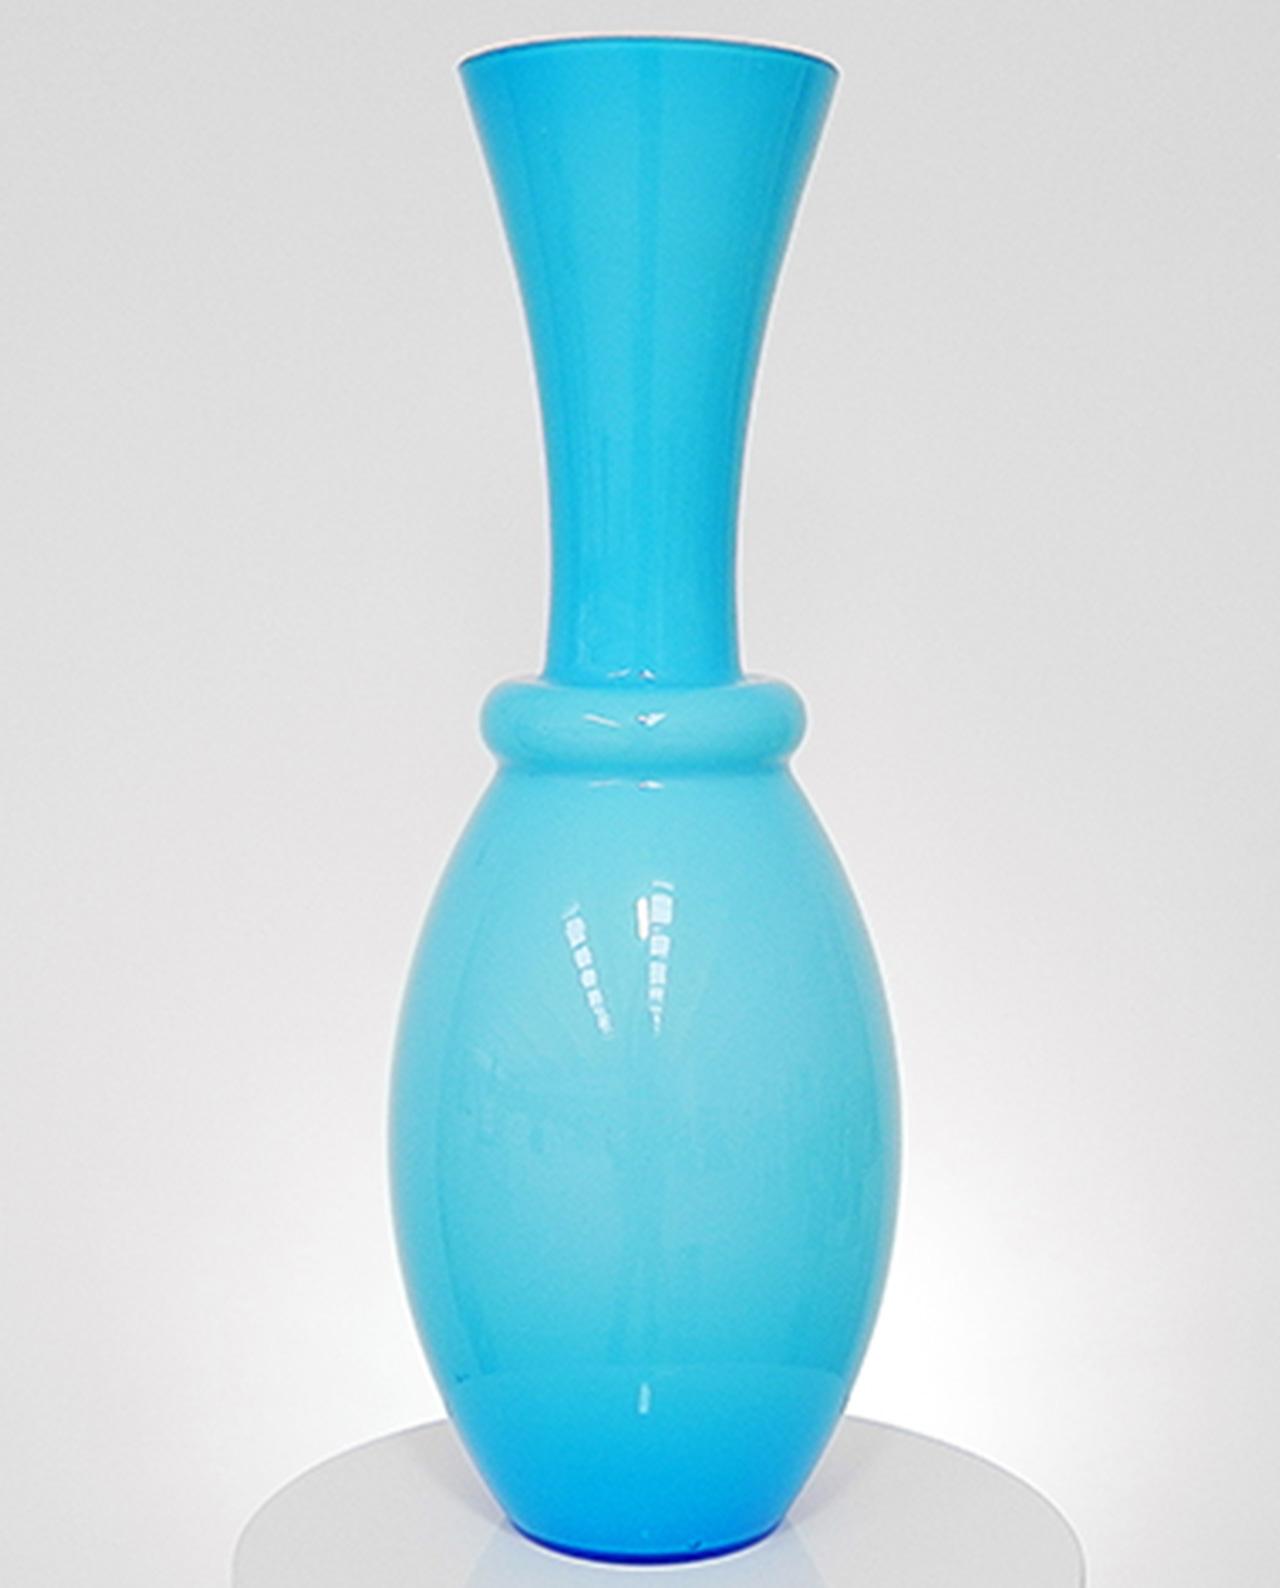 Vasi in vetro azzurri 2 misure mobilia store home favours for Vasi ermetici vetro